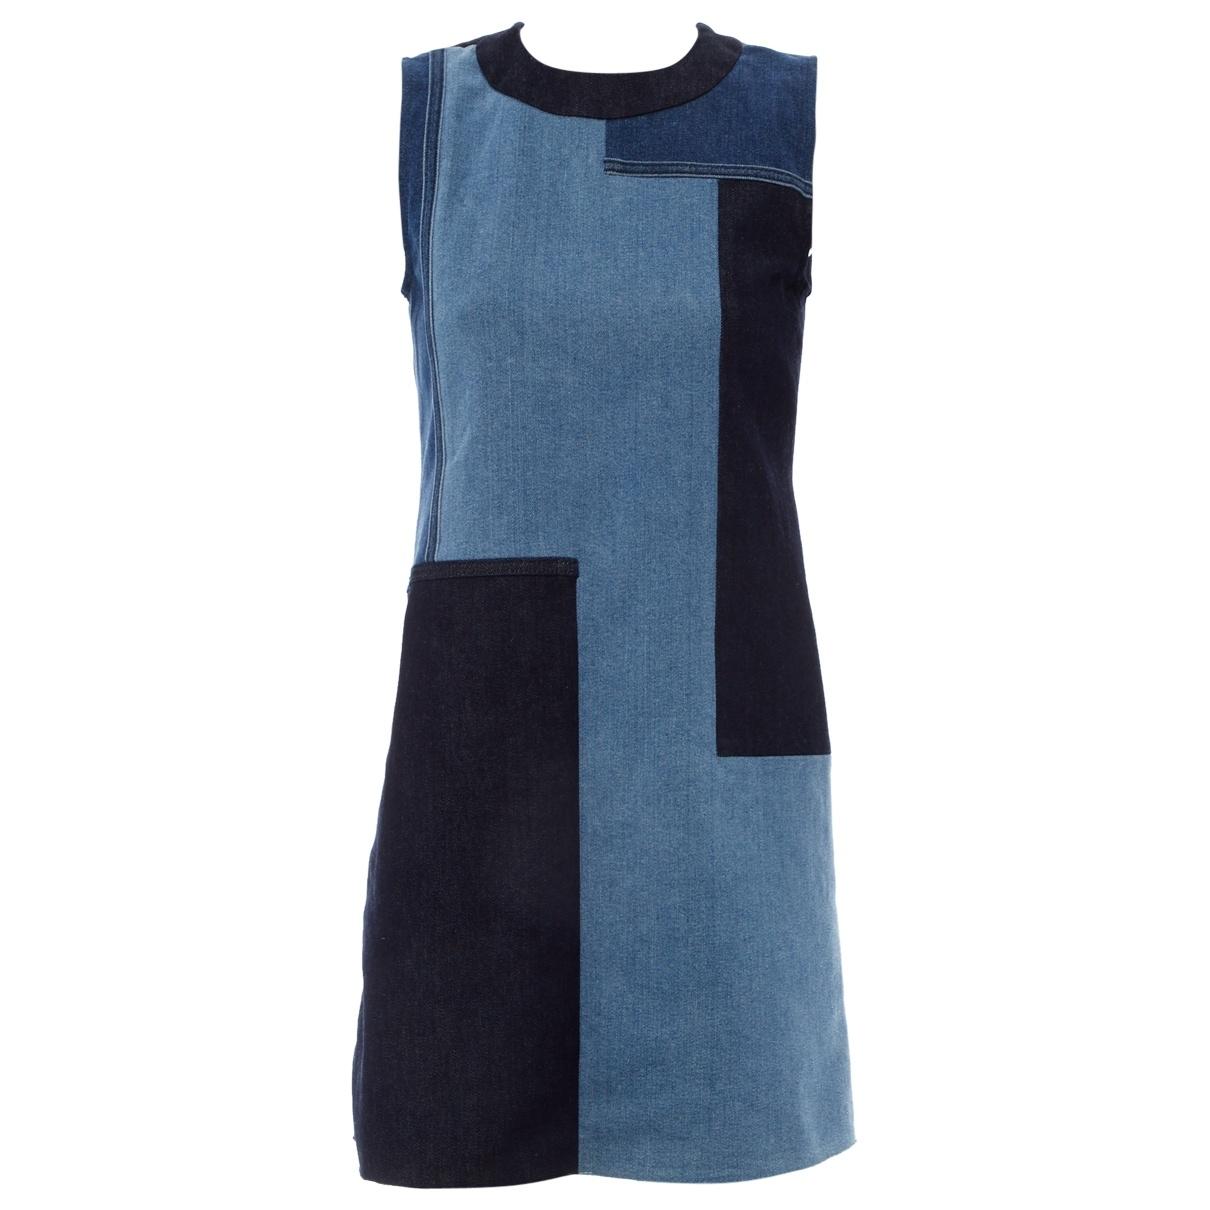 Victoria Beckham \N Kleid in  Blau Baumwolle